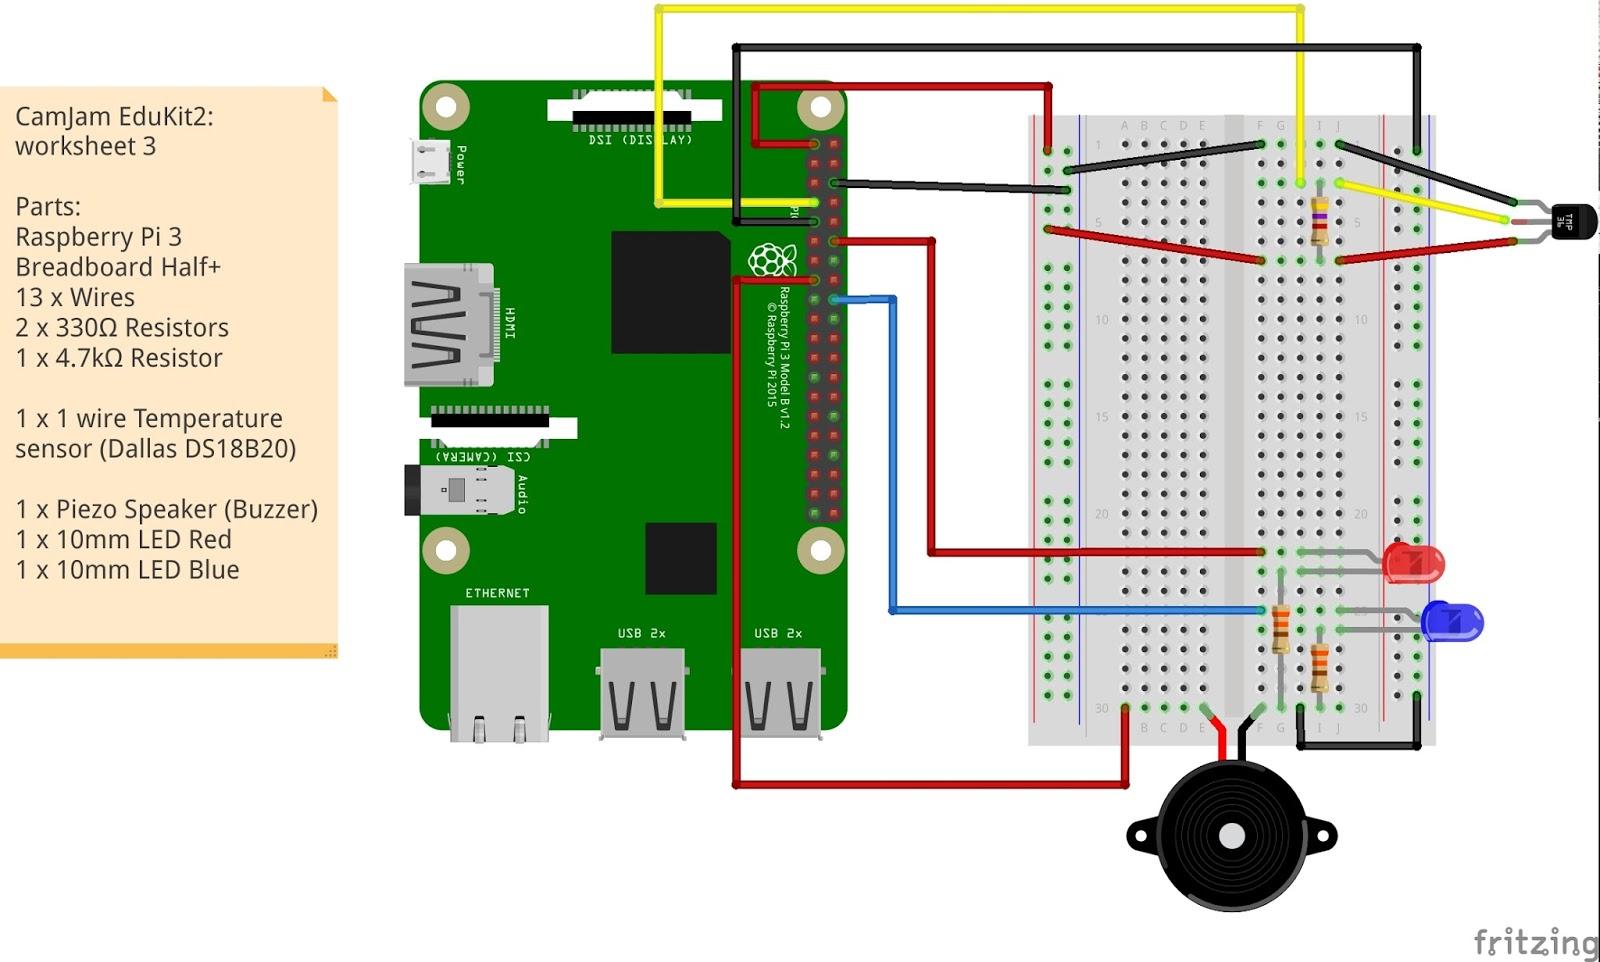 Bit Of Raspberry Pi And Arduino Camjam Edukit 2 Ds18b20 Wiring Diagram